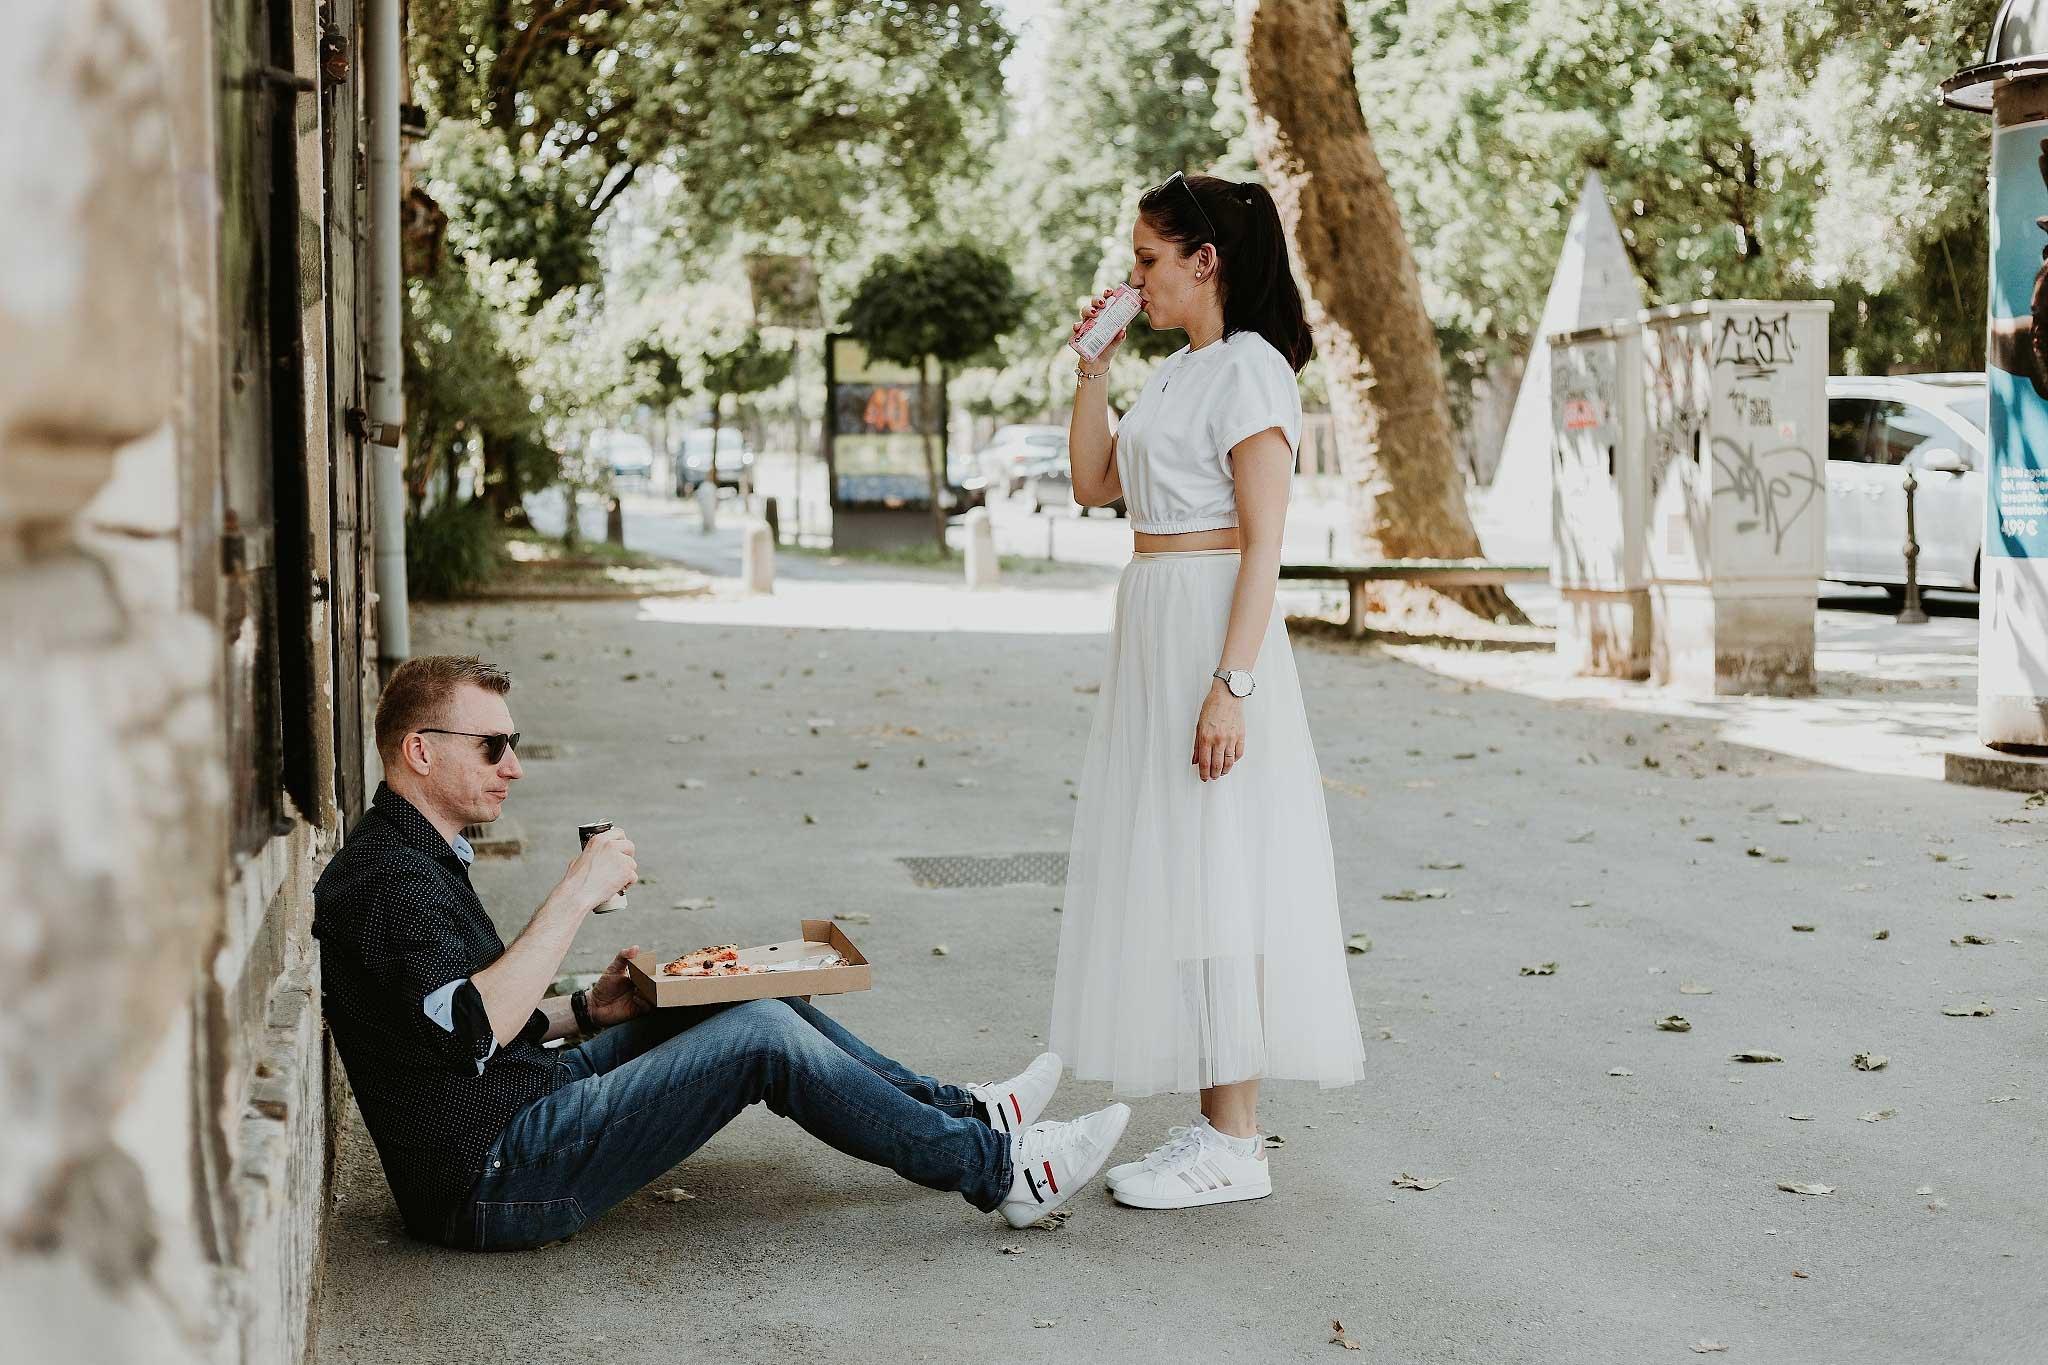 enostavno načrtovanje poroke